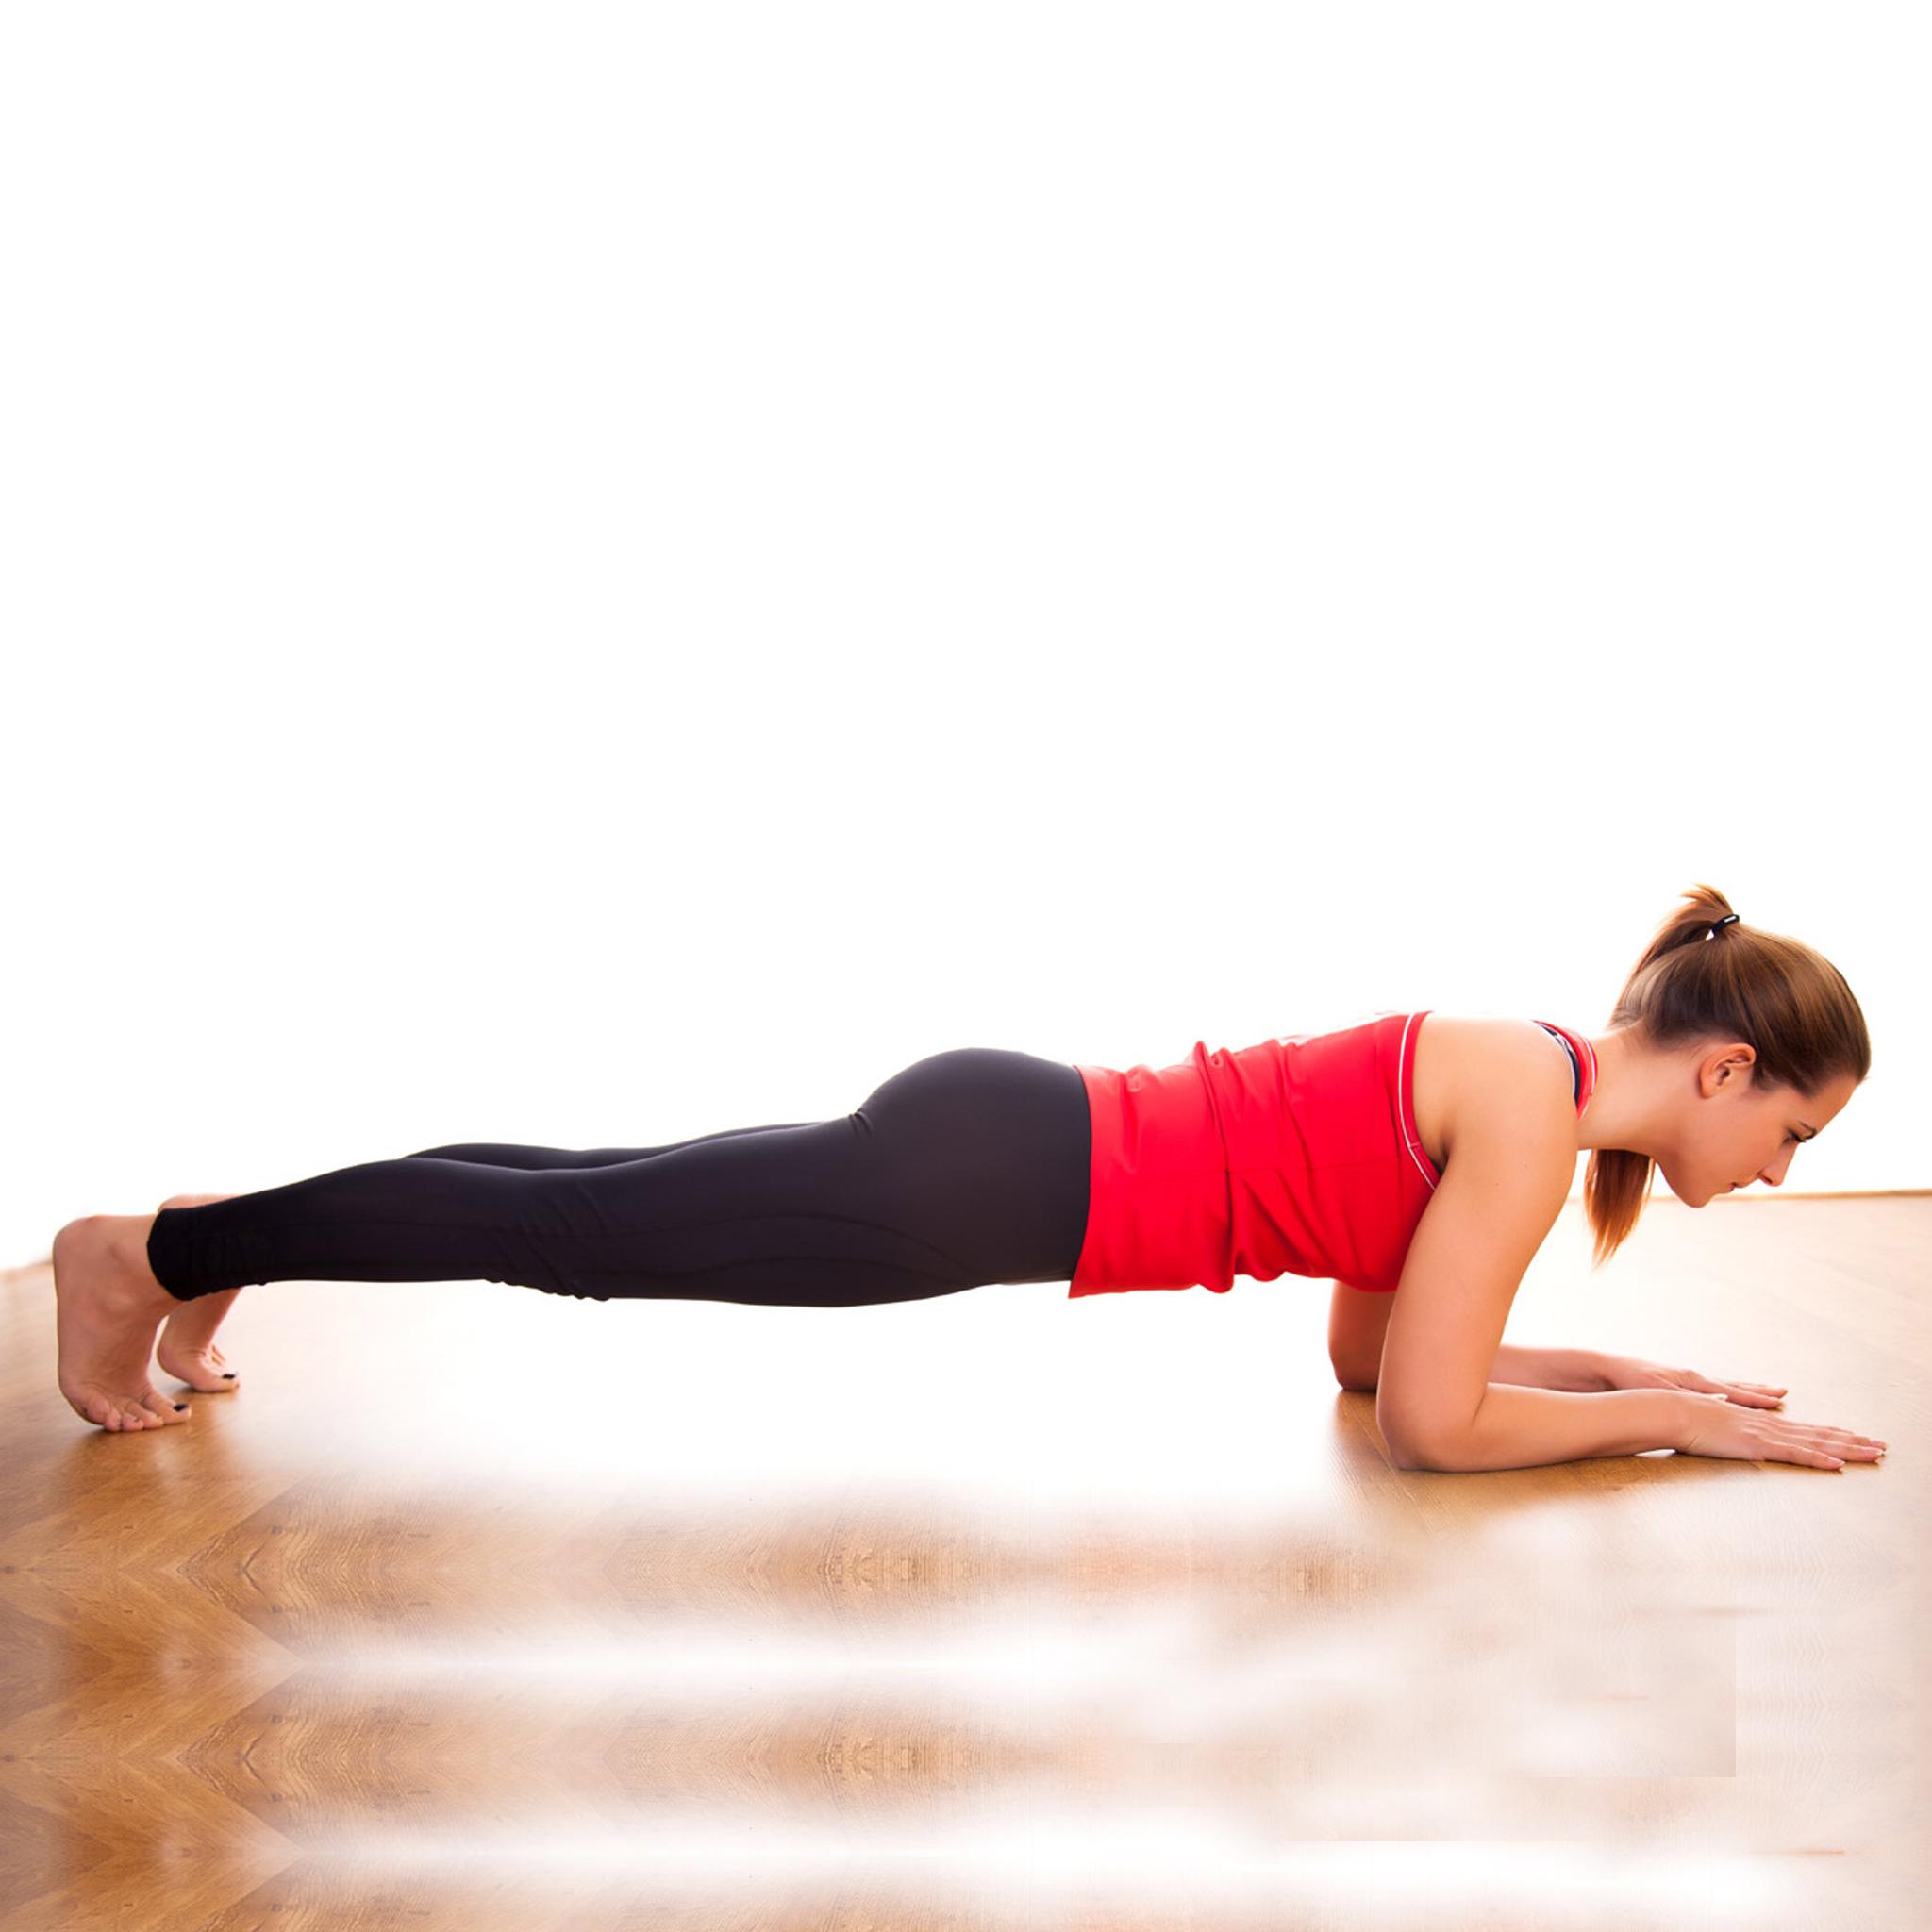 Похудеть Эффективно На Тренировках.